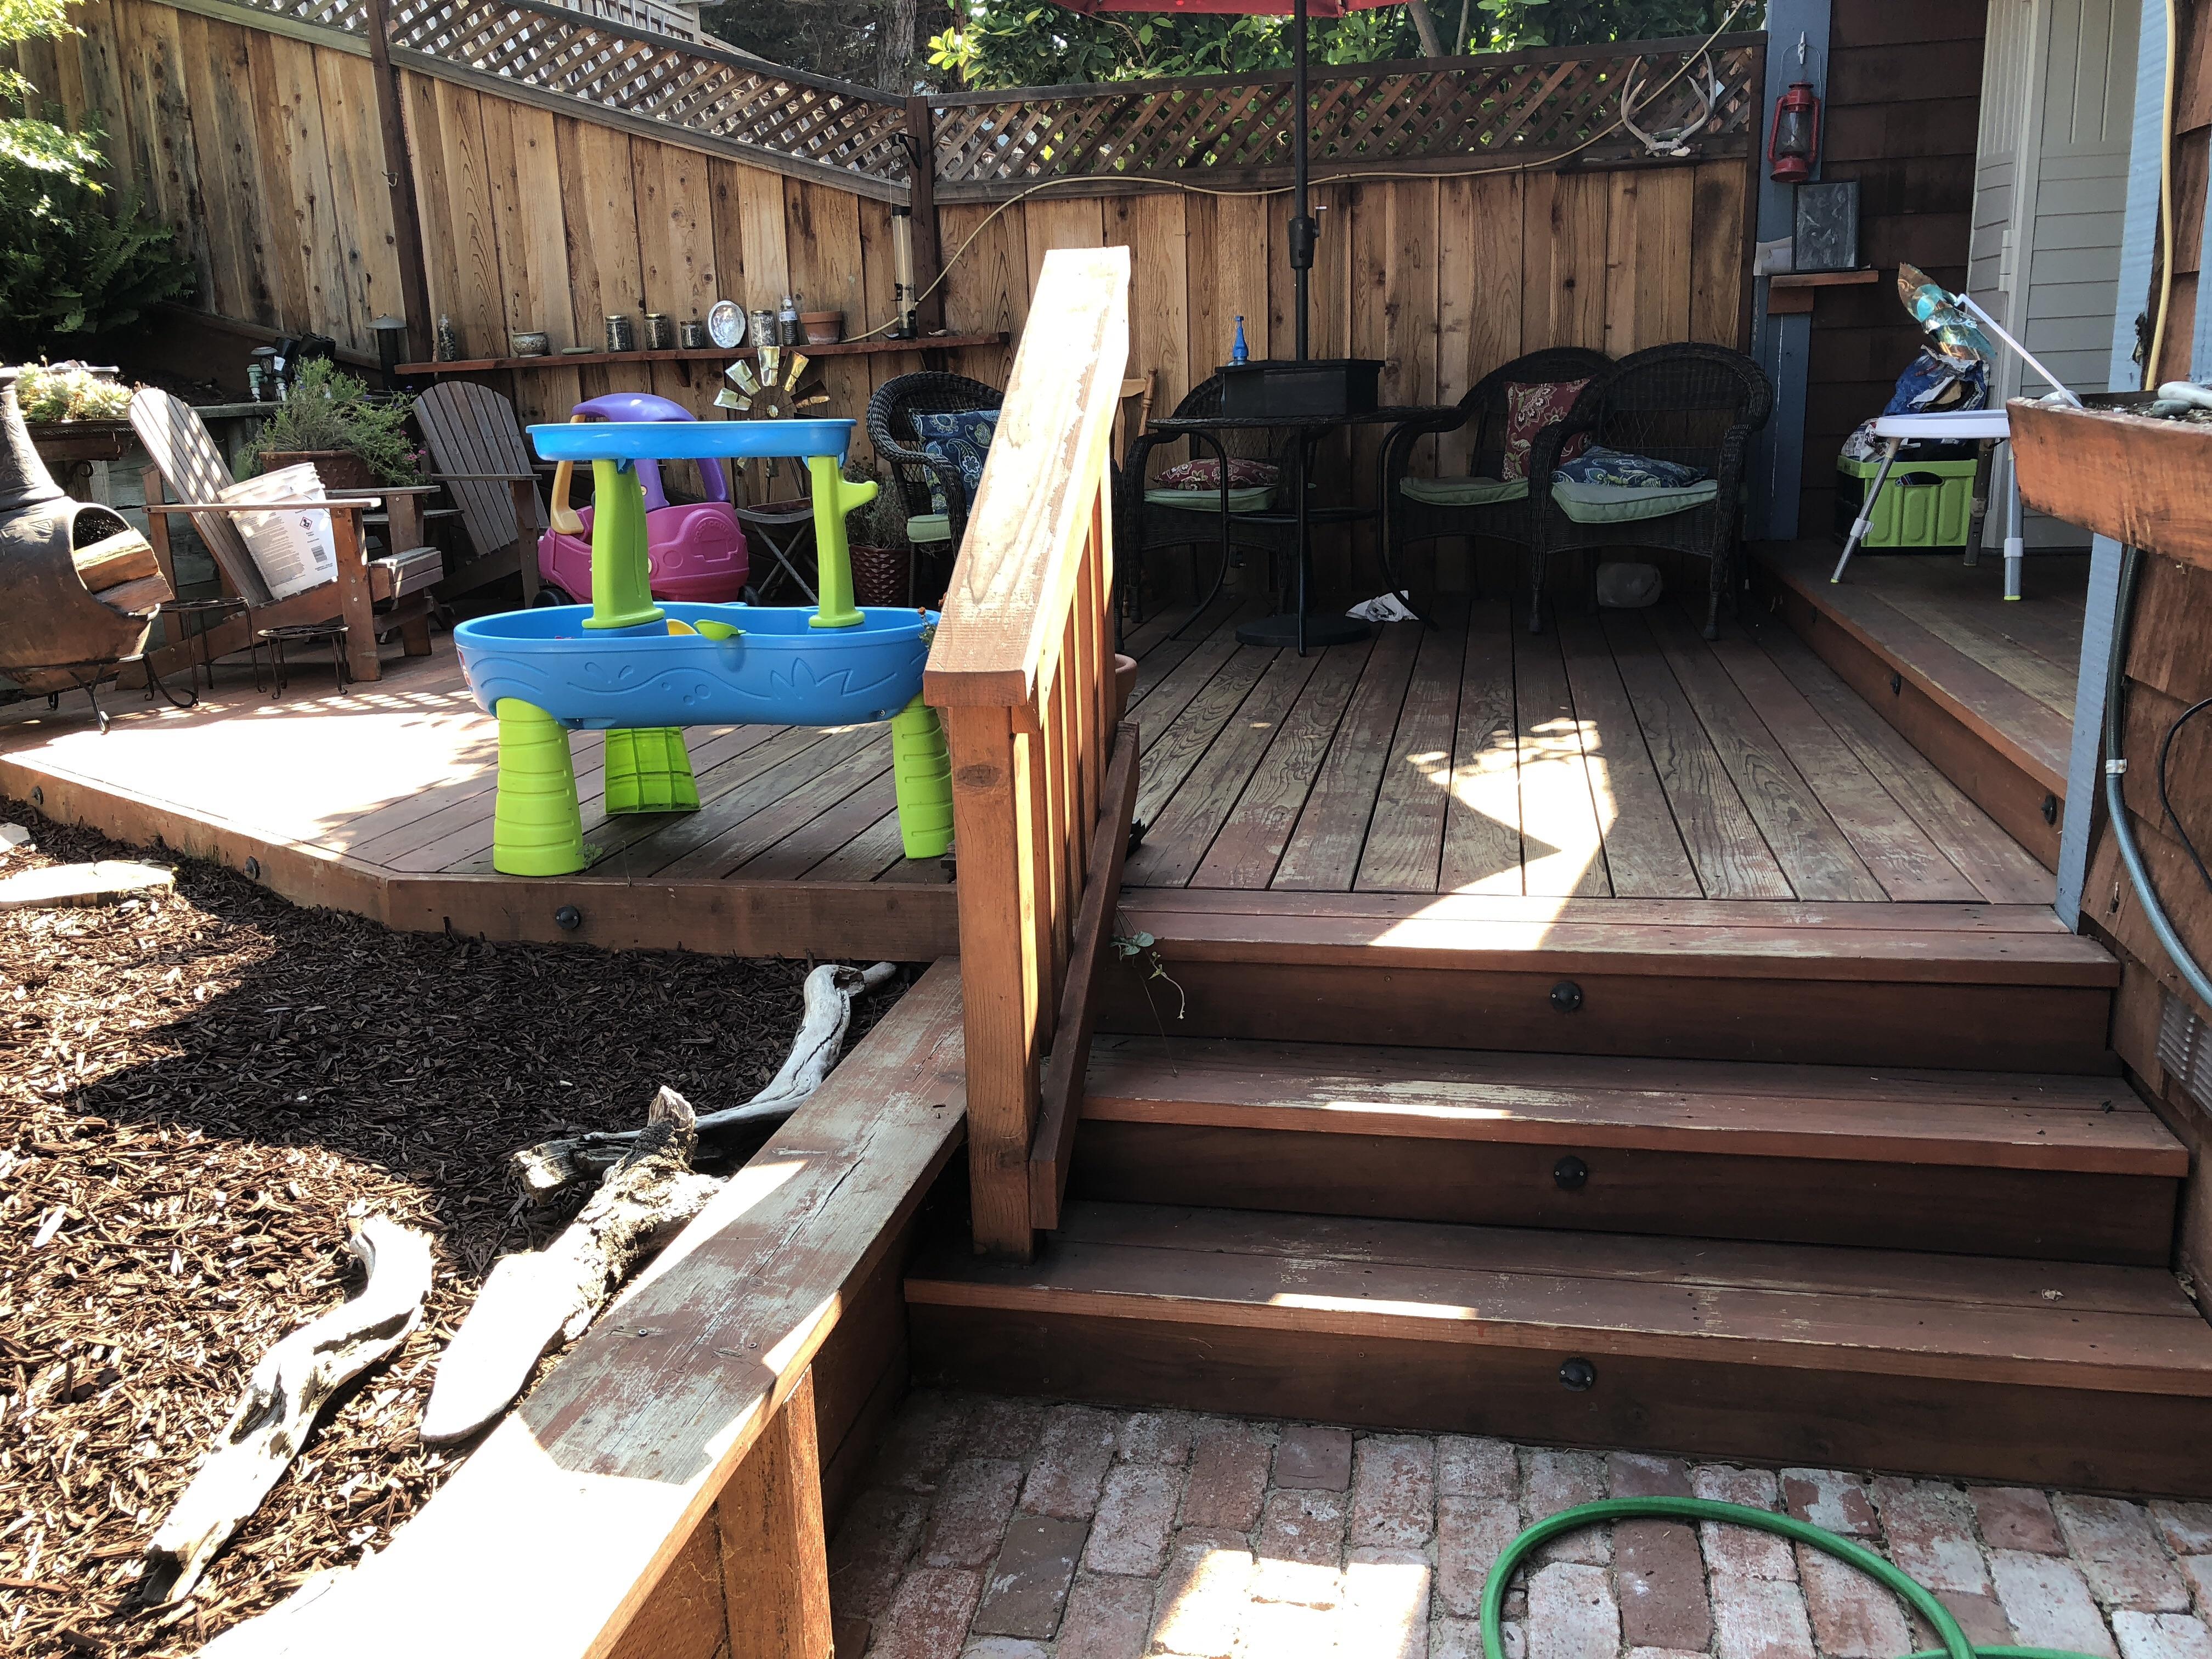 Redwood Deck Creaking HELP!-image_1533858482404.jpg